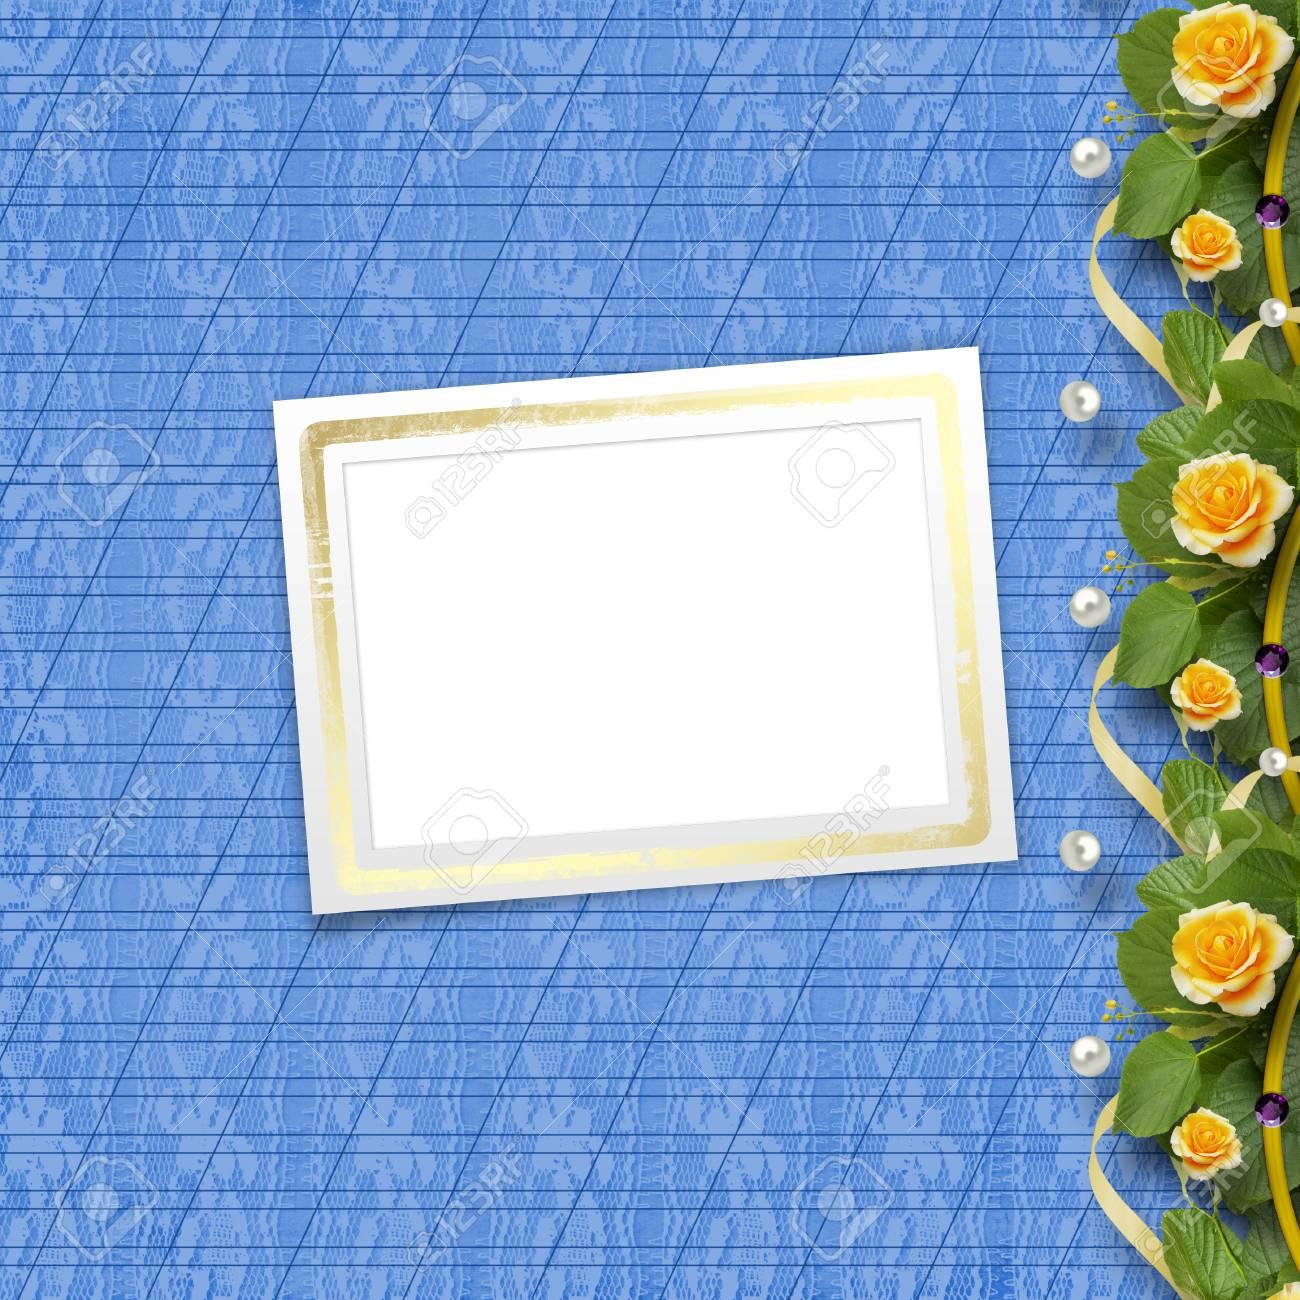 Schöne Grußkarte Mit Strauß Gelber Rosen, Bänder Und Papier Rahmen ...